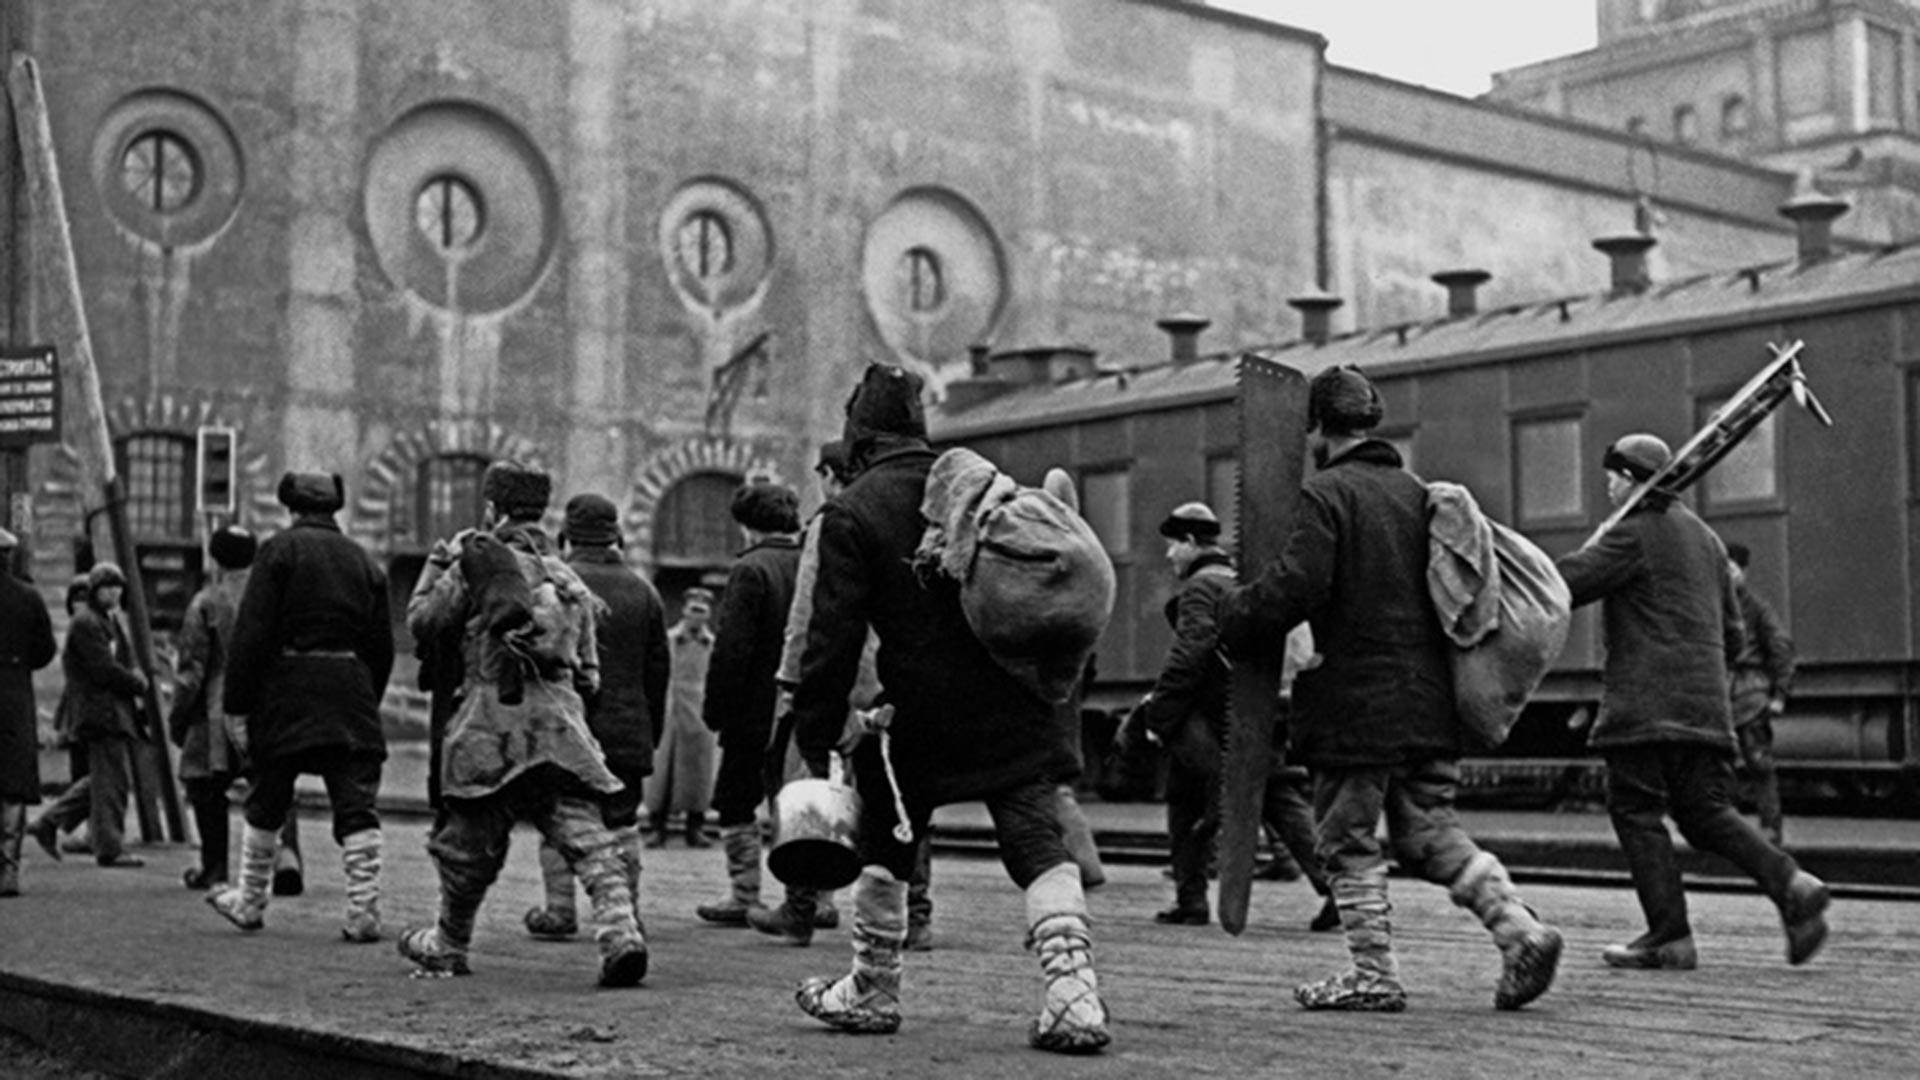 カザンスキー駅に到着した農民たち